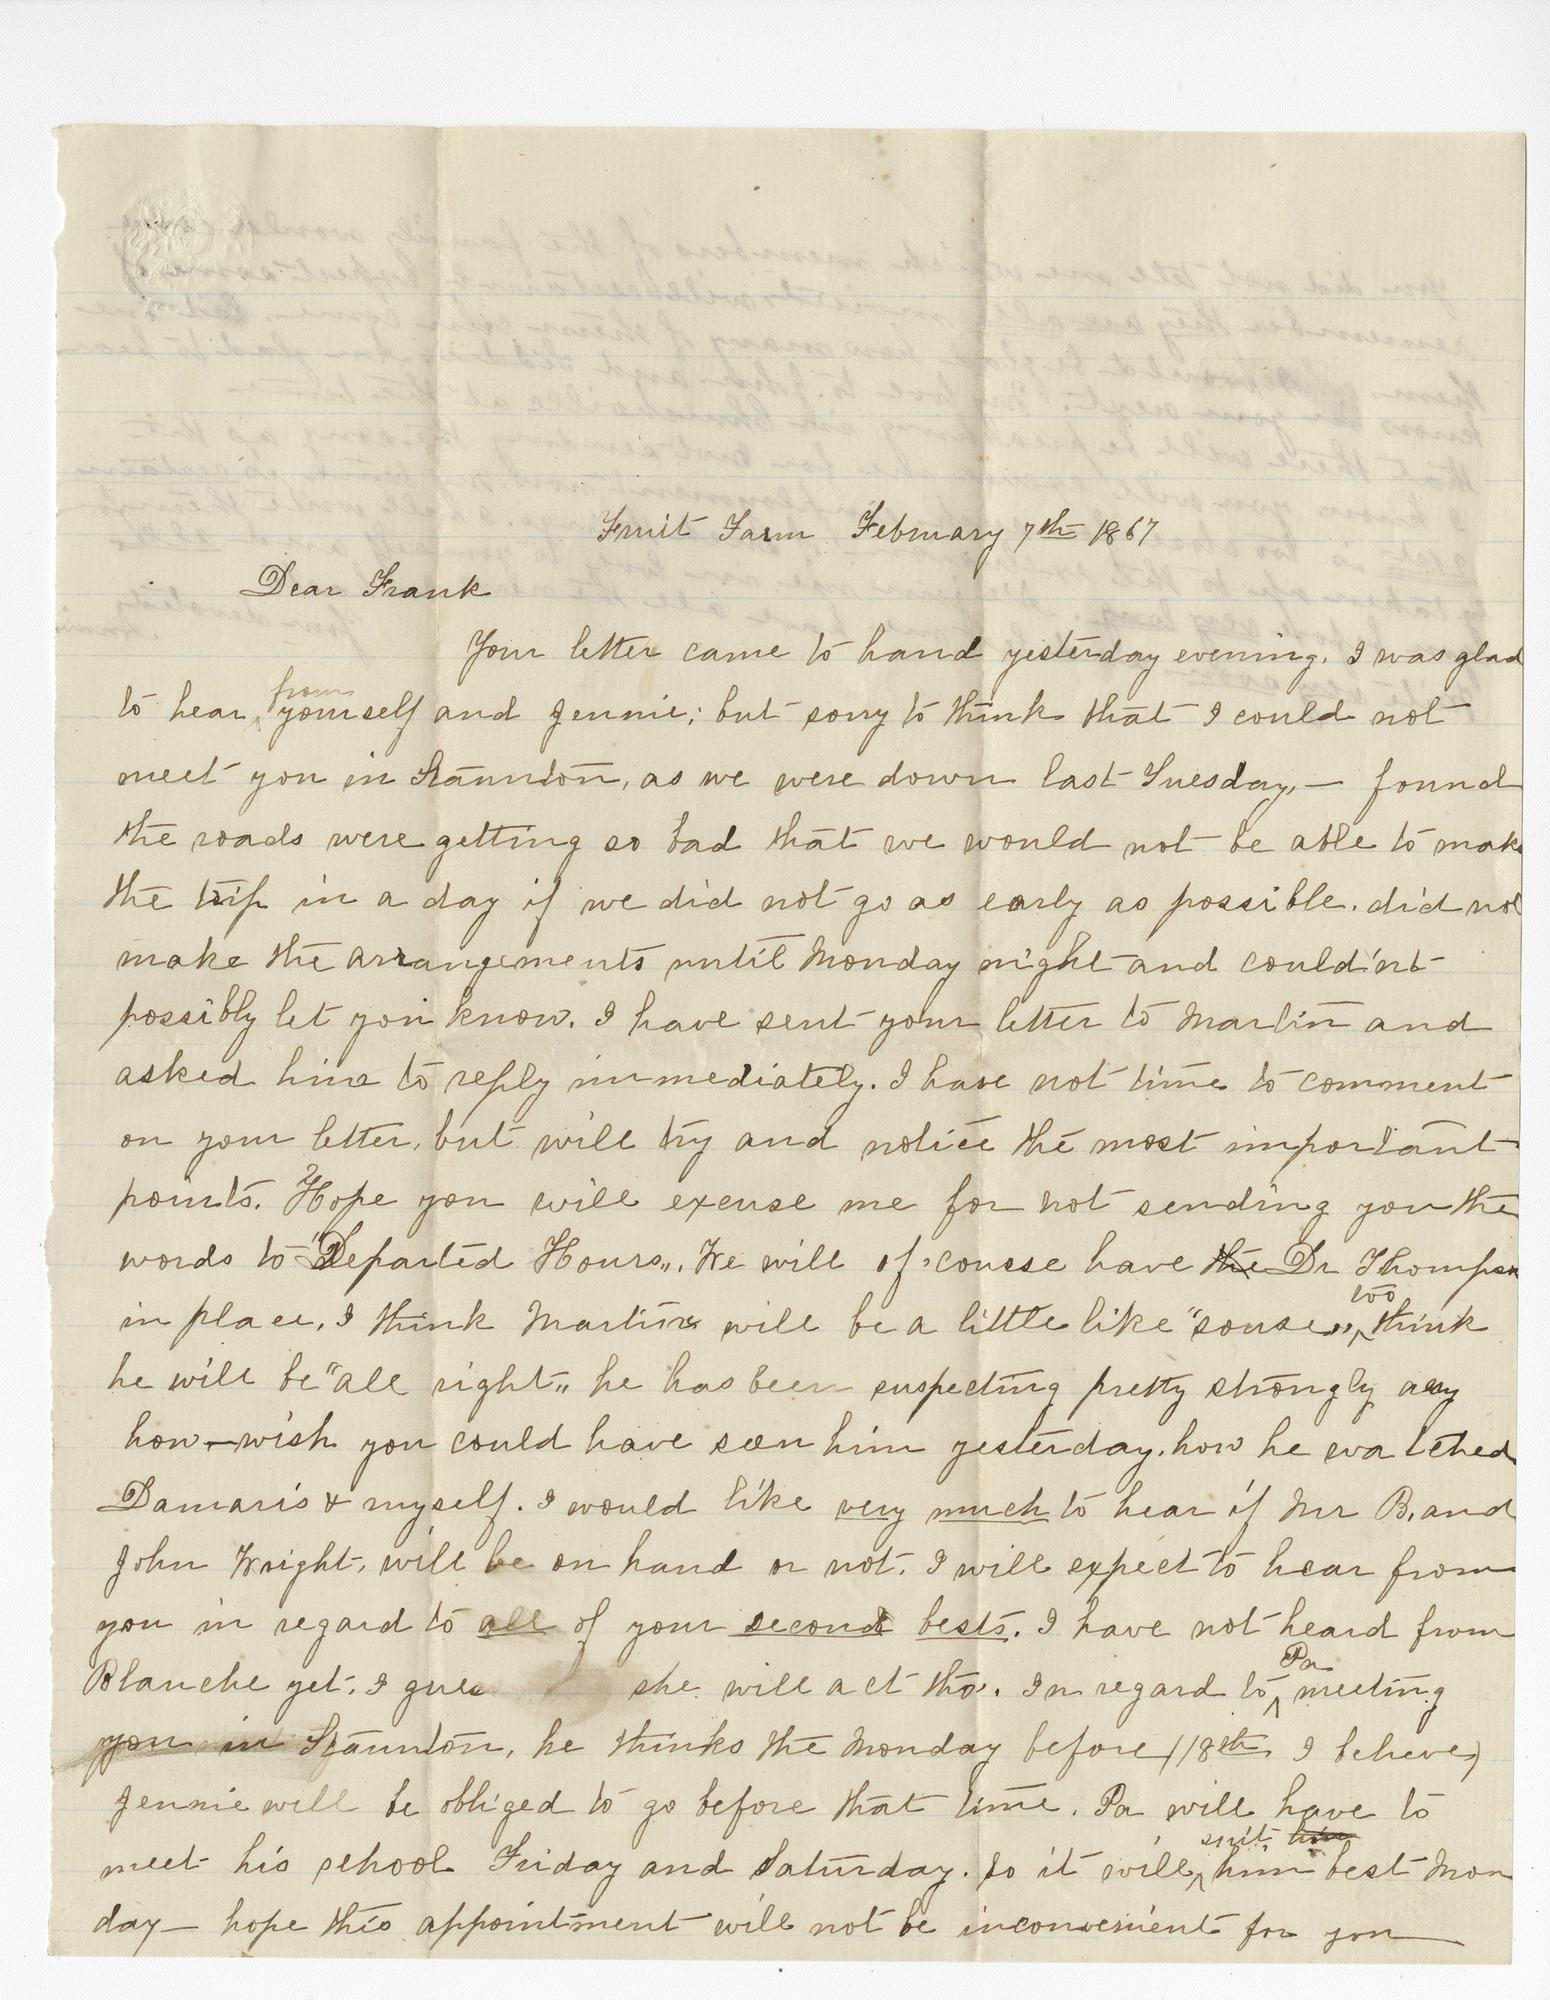 Ms2016-013_HeizerJames_Letter_1867_0207a.jpg